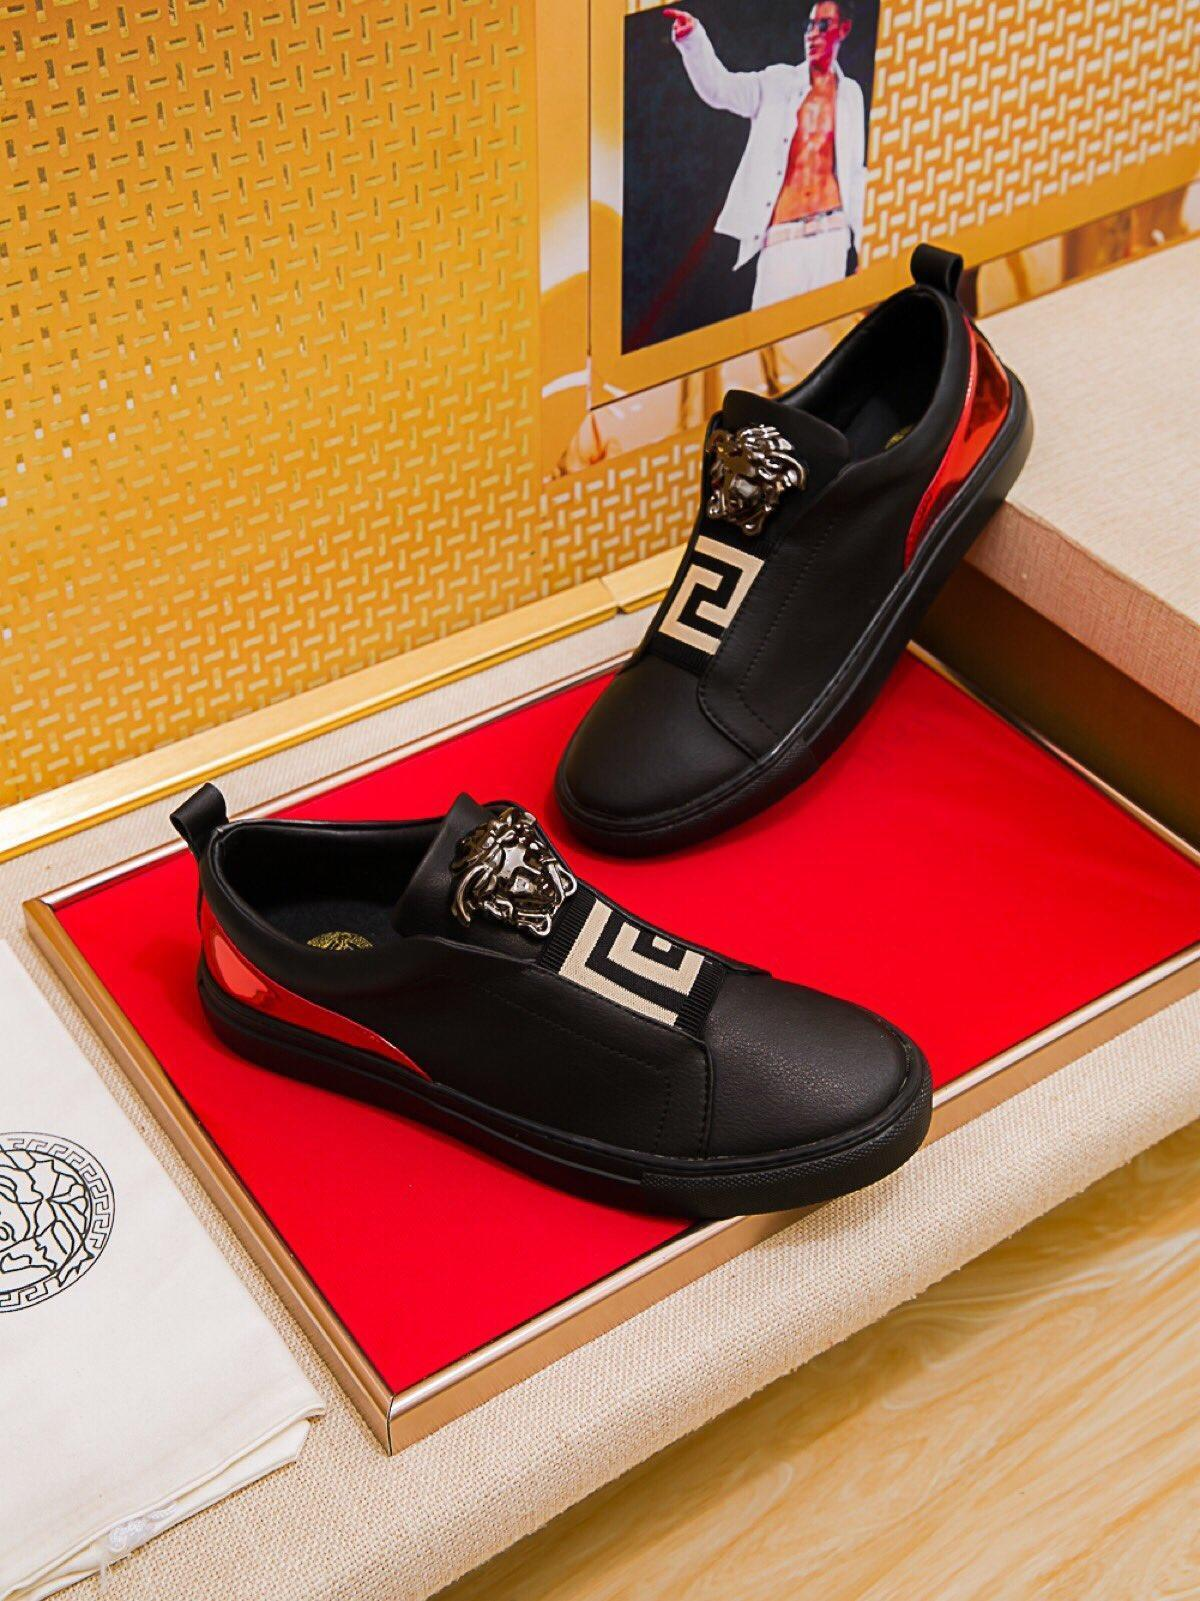 2021y Genç Lüks Tasarım Baskılı Nakış Dikiş Erkekler '; S Düşük -Top Dantel -Up Günlük Ayakkabılar, Yüksek -Kalite Şık Yabani Spor Sh